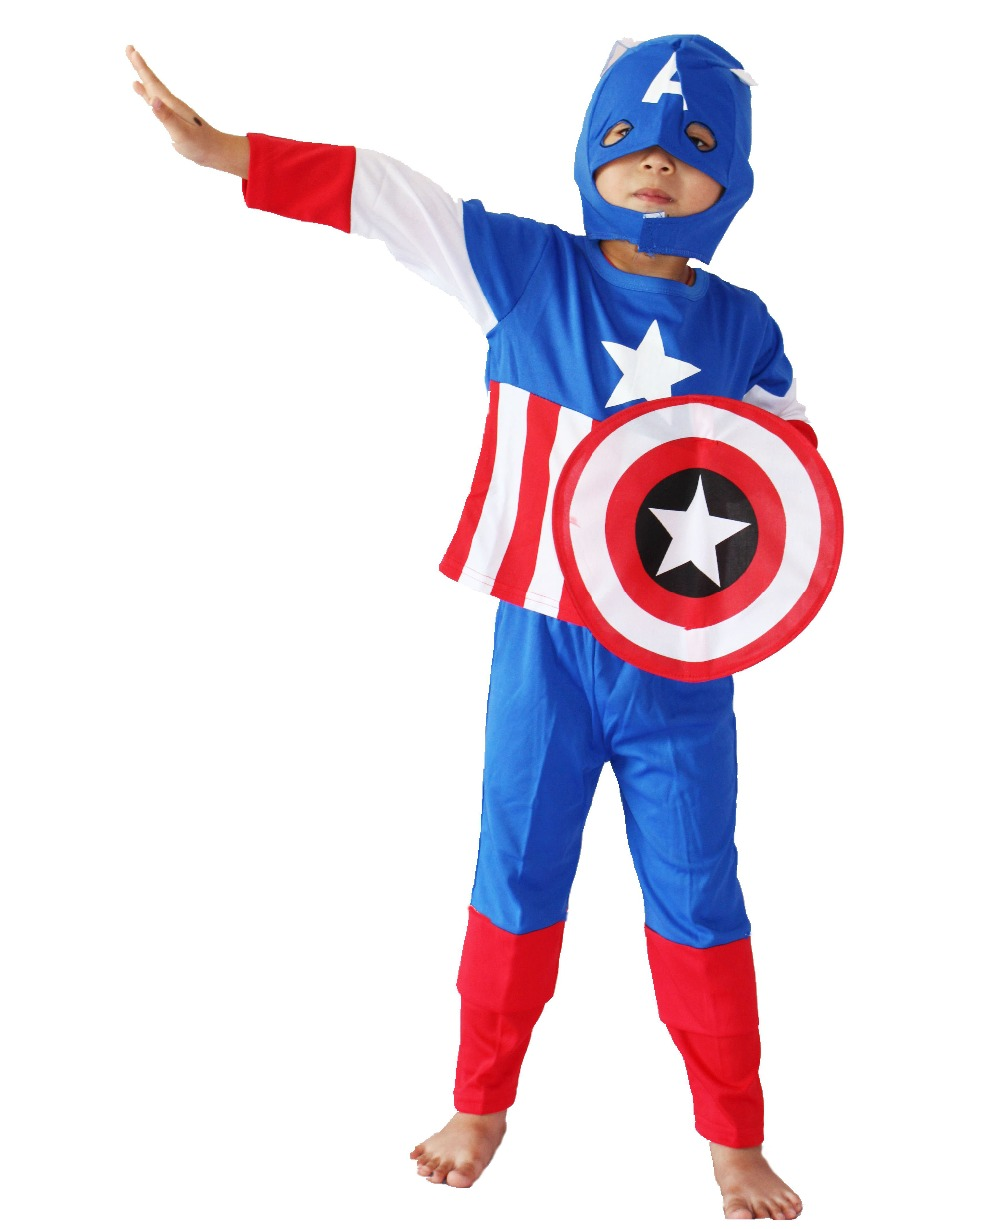 Մեծածախ / մանրածախ 3 - 7 տարի Հելոուին երեկույթների զգեստներ Մանկական մոդելային հագուստ, երեխա Կապիտան Ամերիկա դերասանի հագուստ Ghost